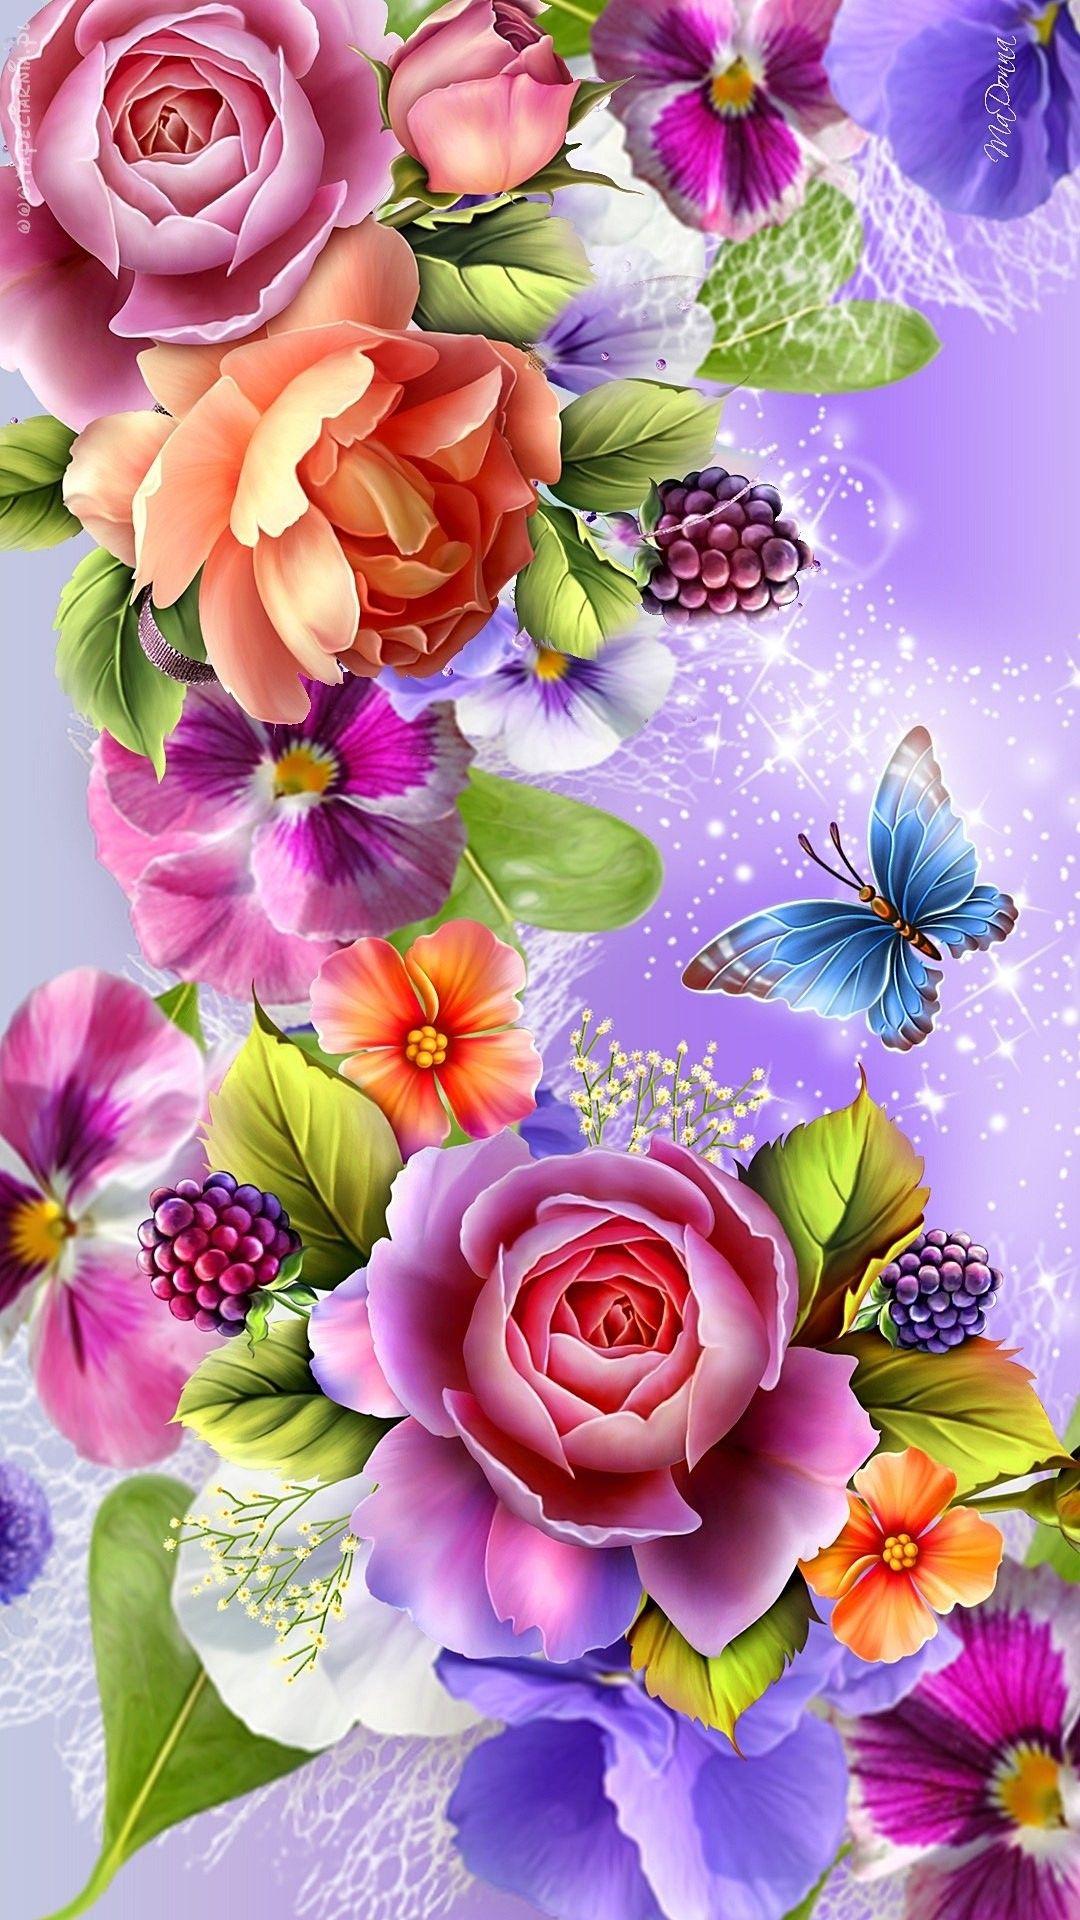 Fantasztikus Szines Art Viragok Wallpaper By Artist Unknown Flower Art Flower Painting Flower Phone Wallpaper Fantastic flower wallpaper for